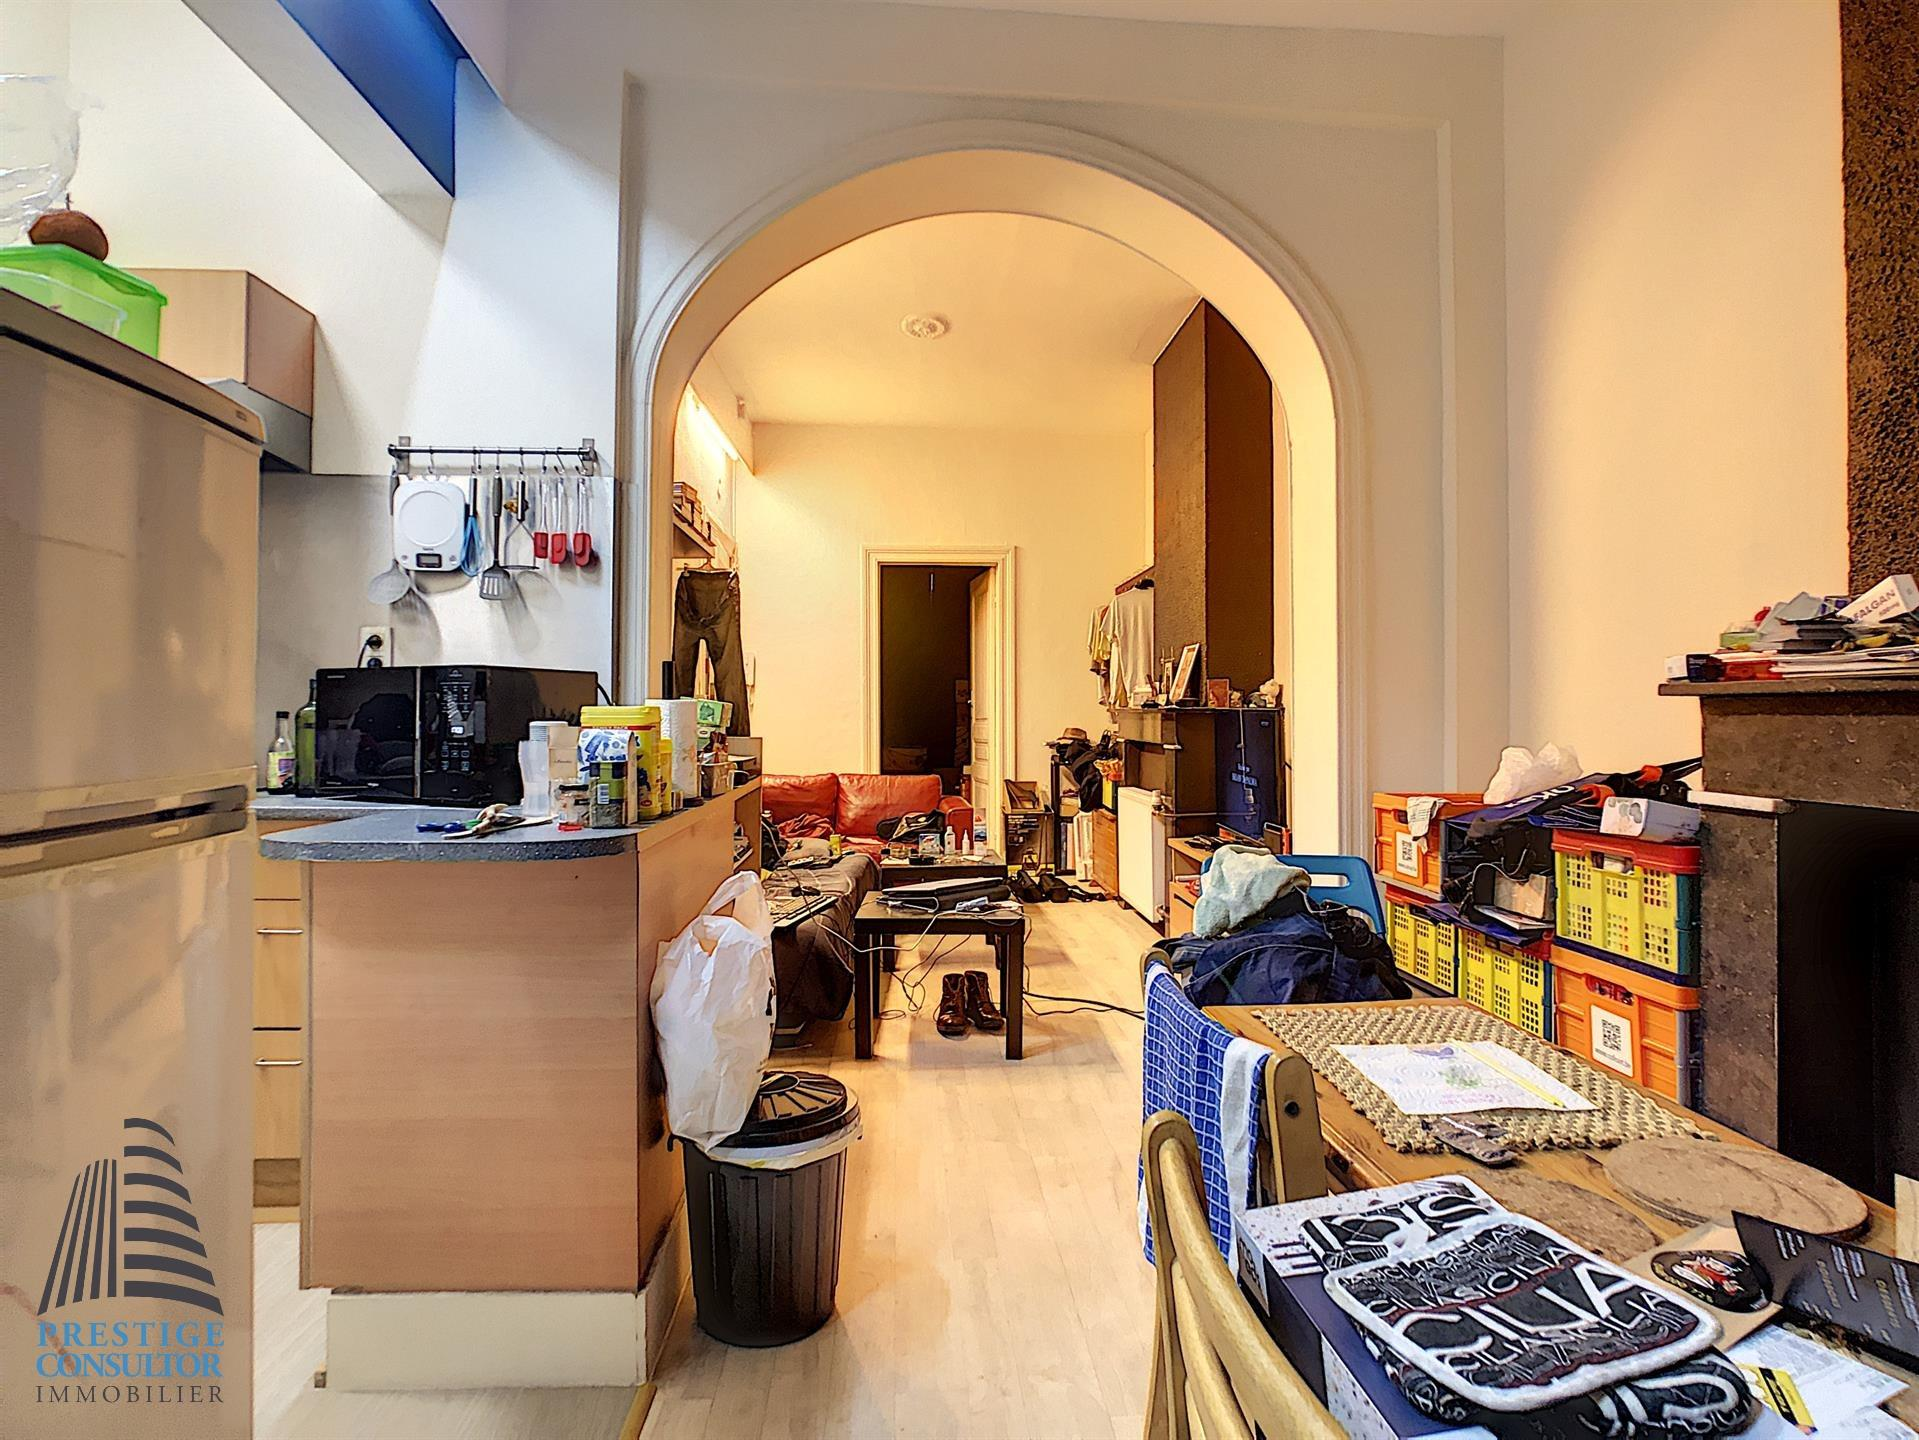 Appartement - Koekelberg - #4251437-4